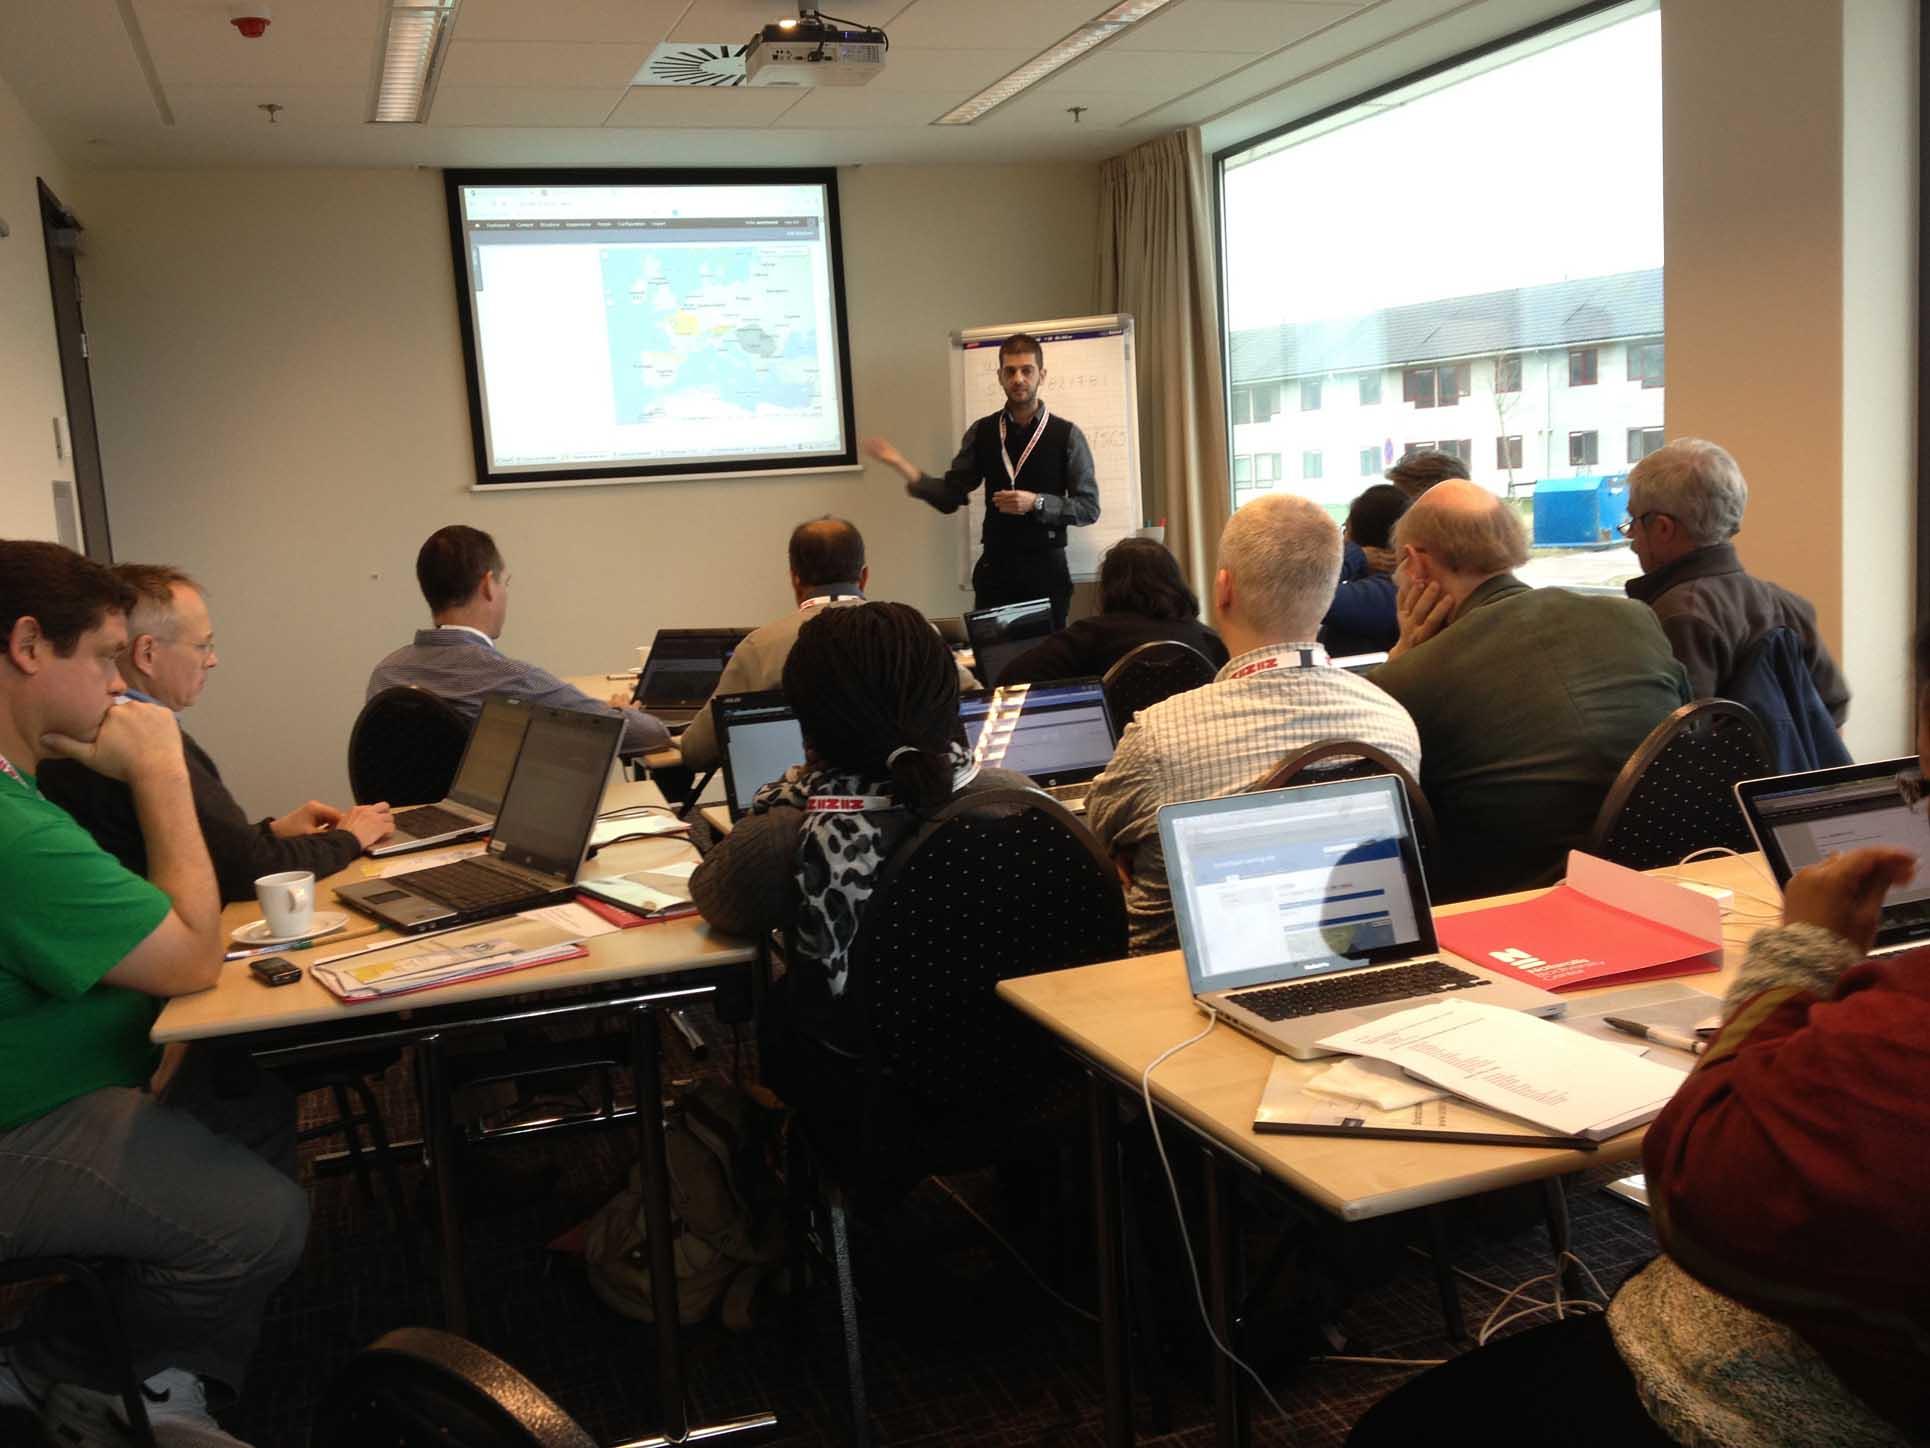 آموزش بازاریابی - آموزش بازاریابی و فروش - Marketing and sales training